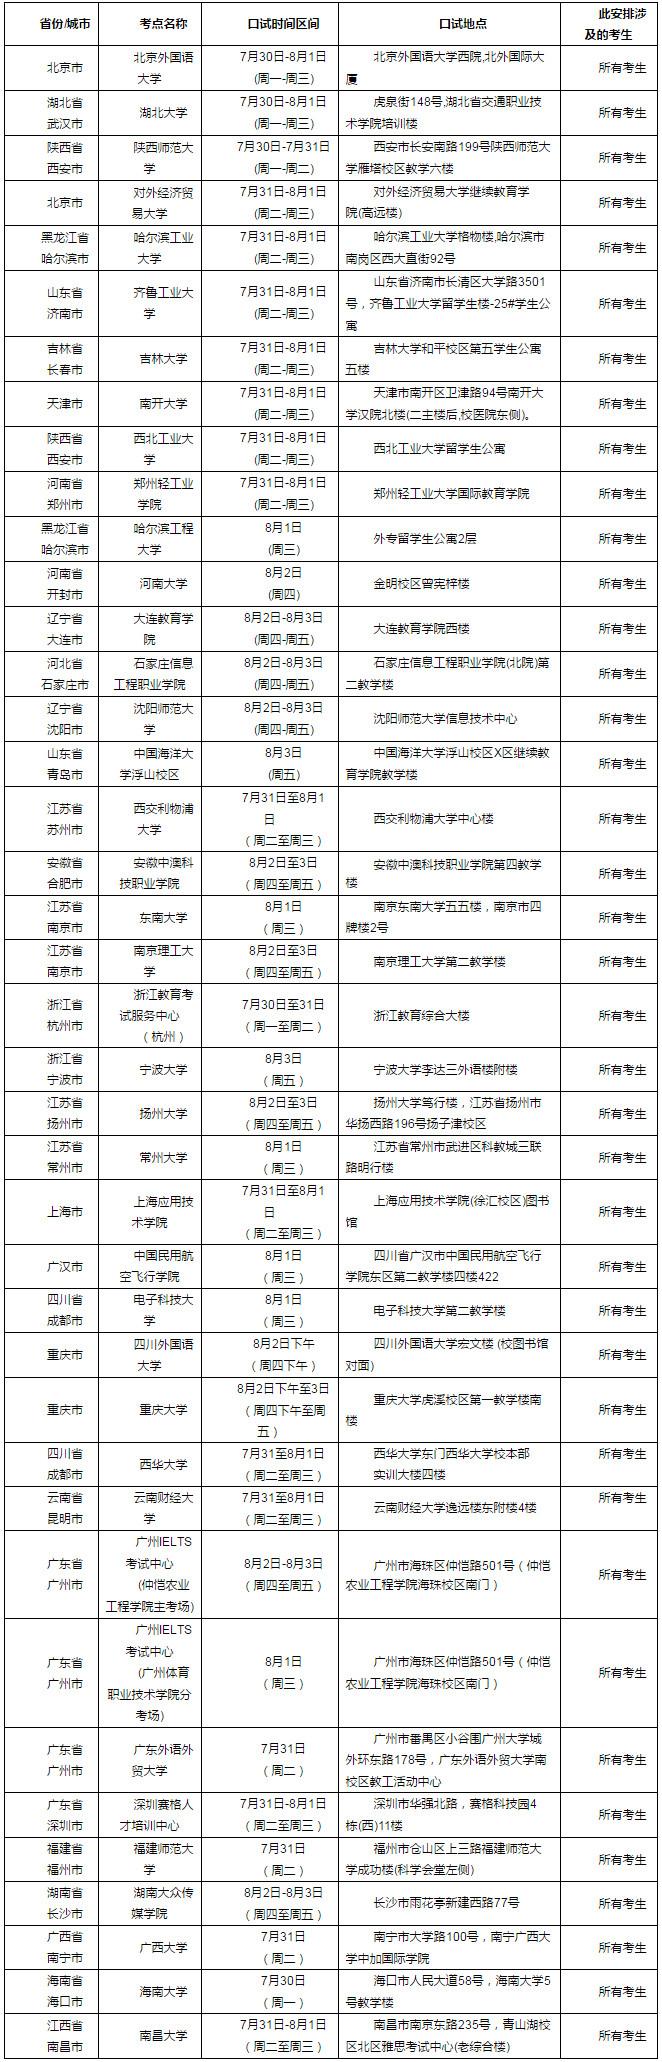 2018年8月2日雅思口语考试安排